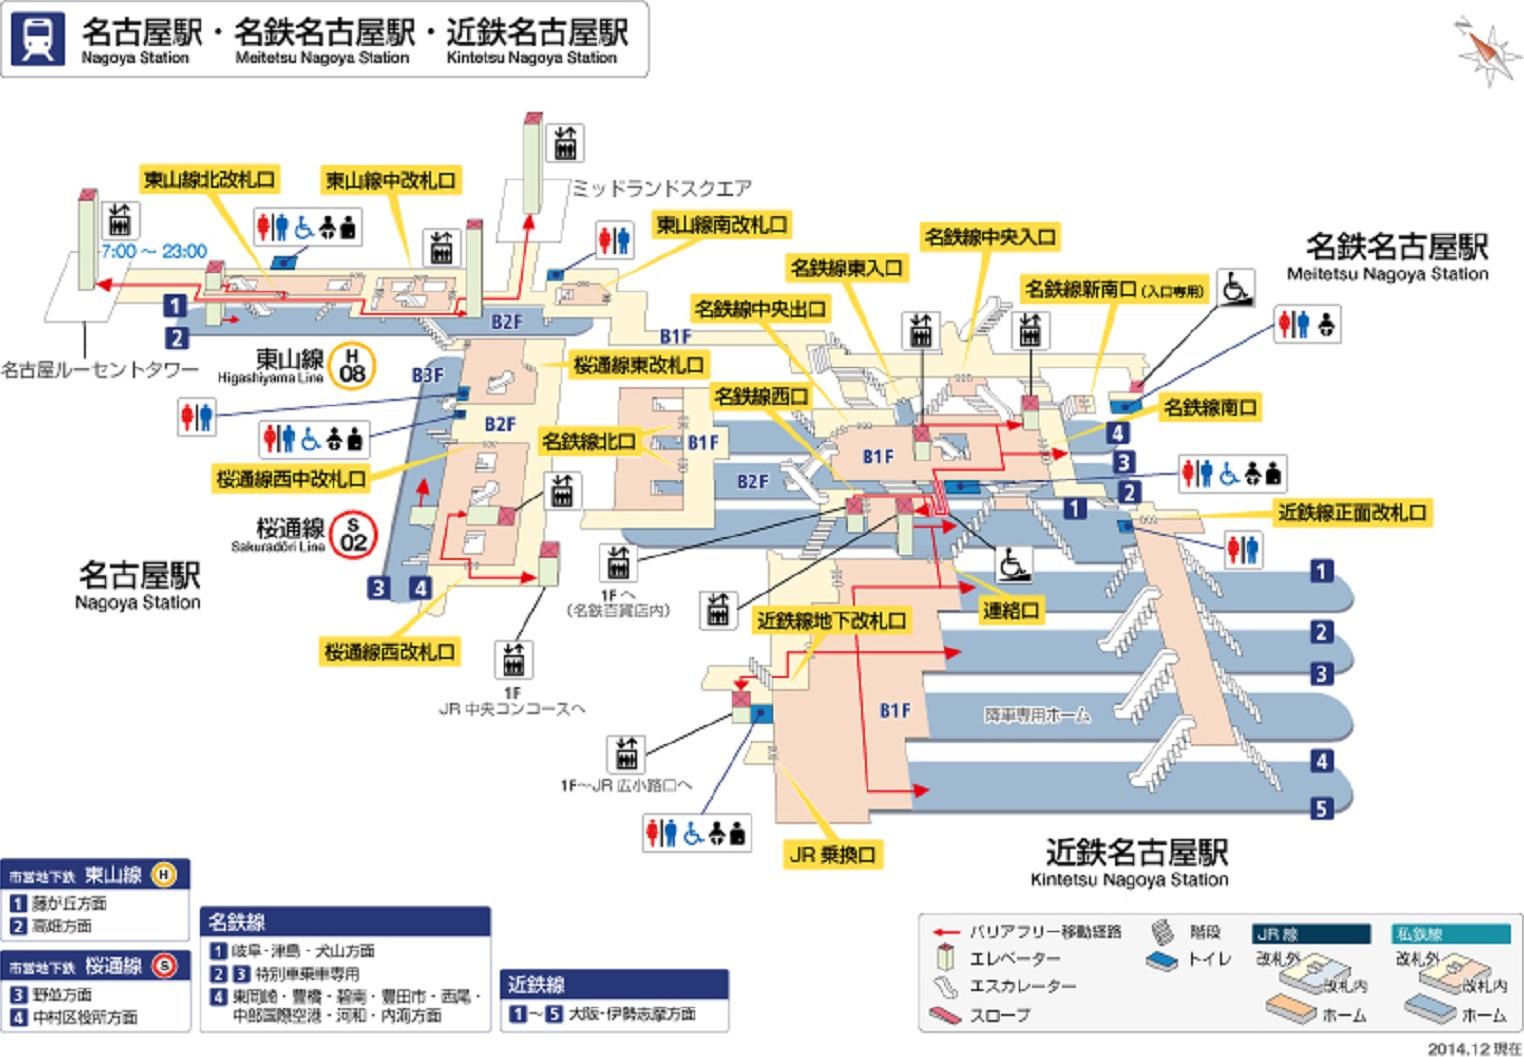 名鉄名古屋駅と近鉄名古屋駅(らくらくおでかけネット) 1524-1057